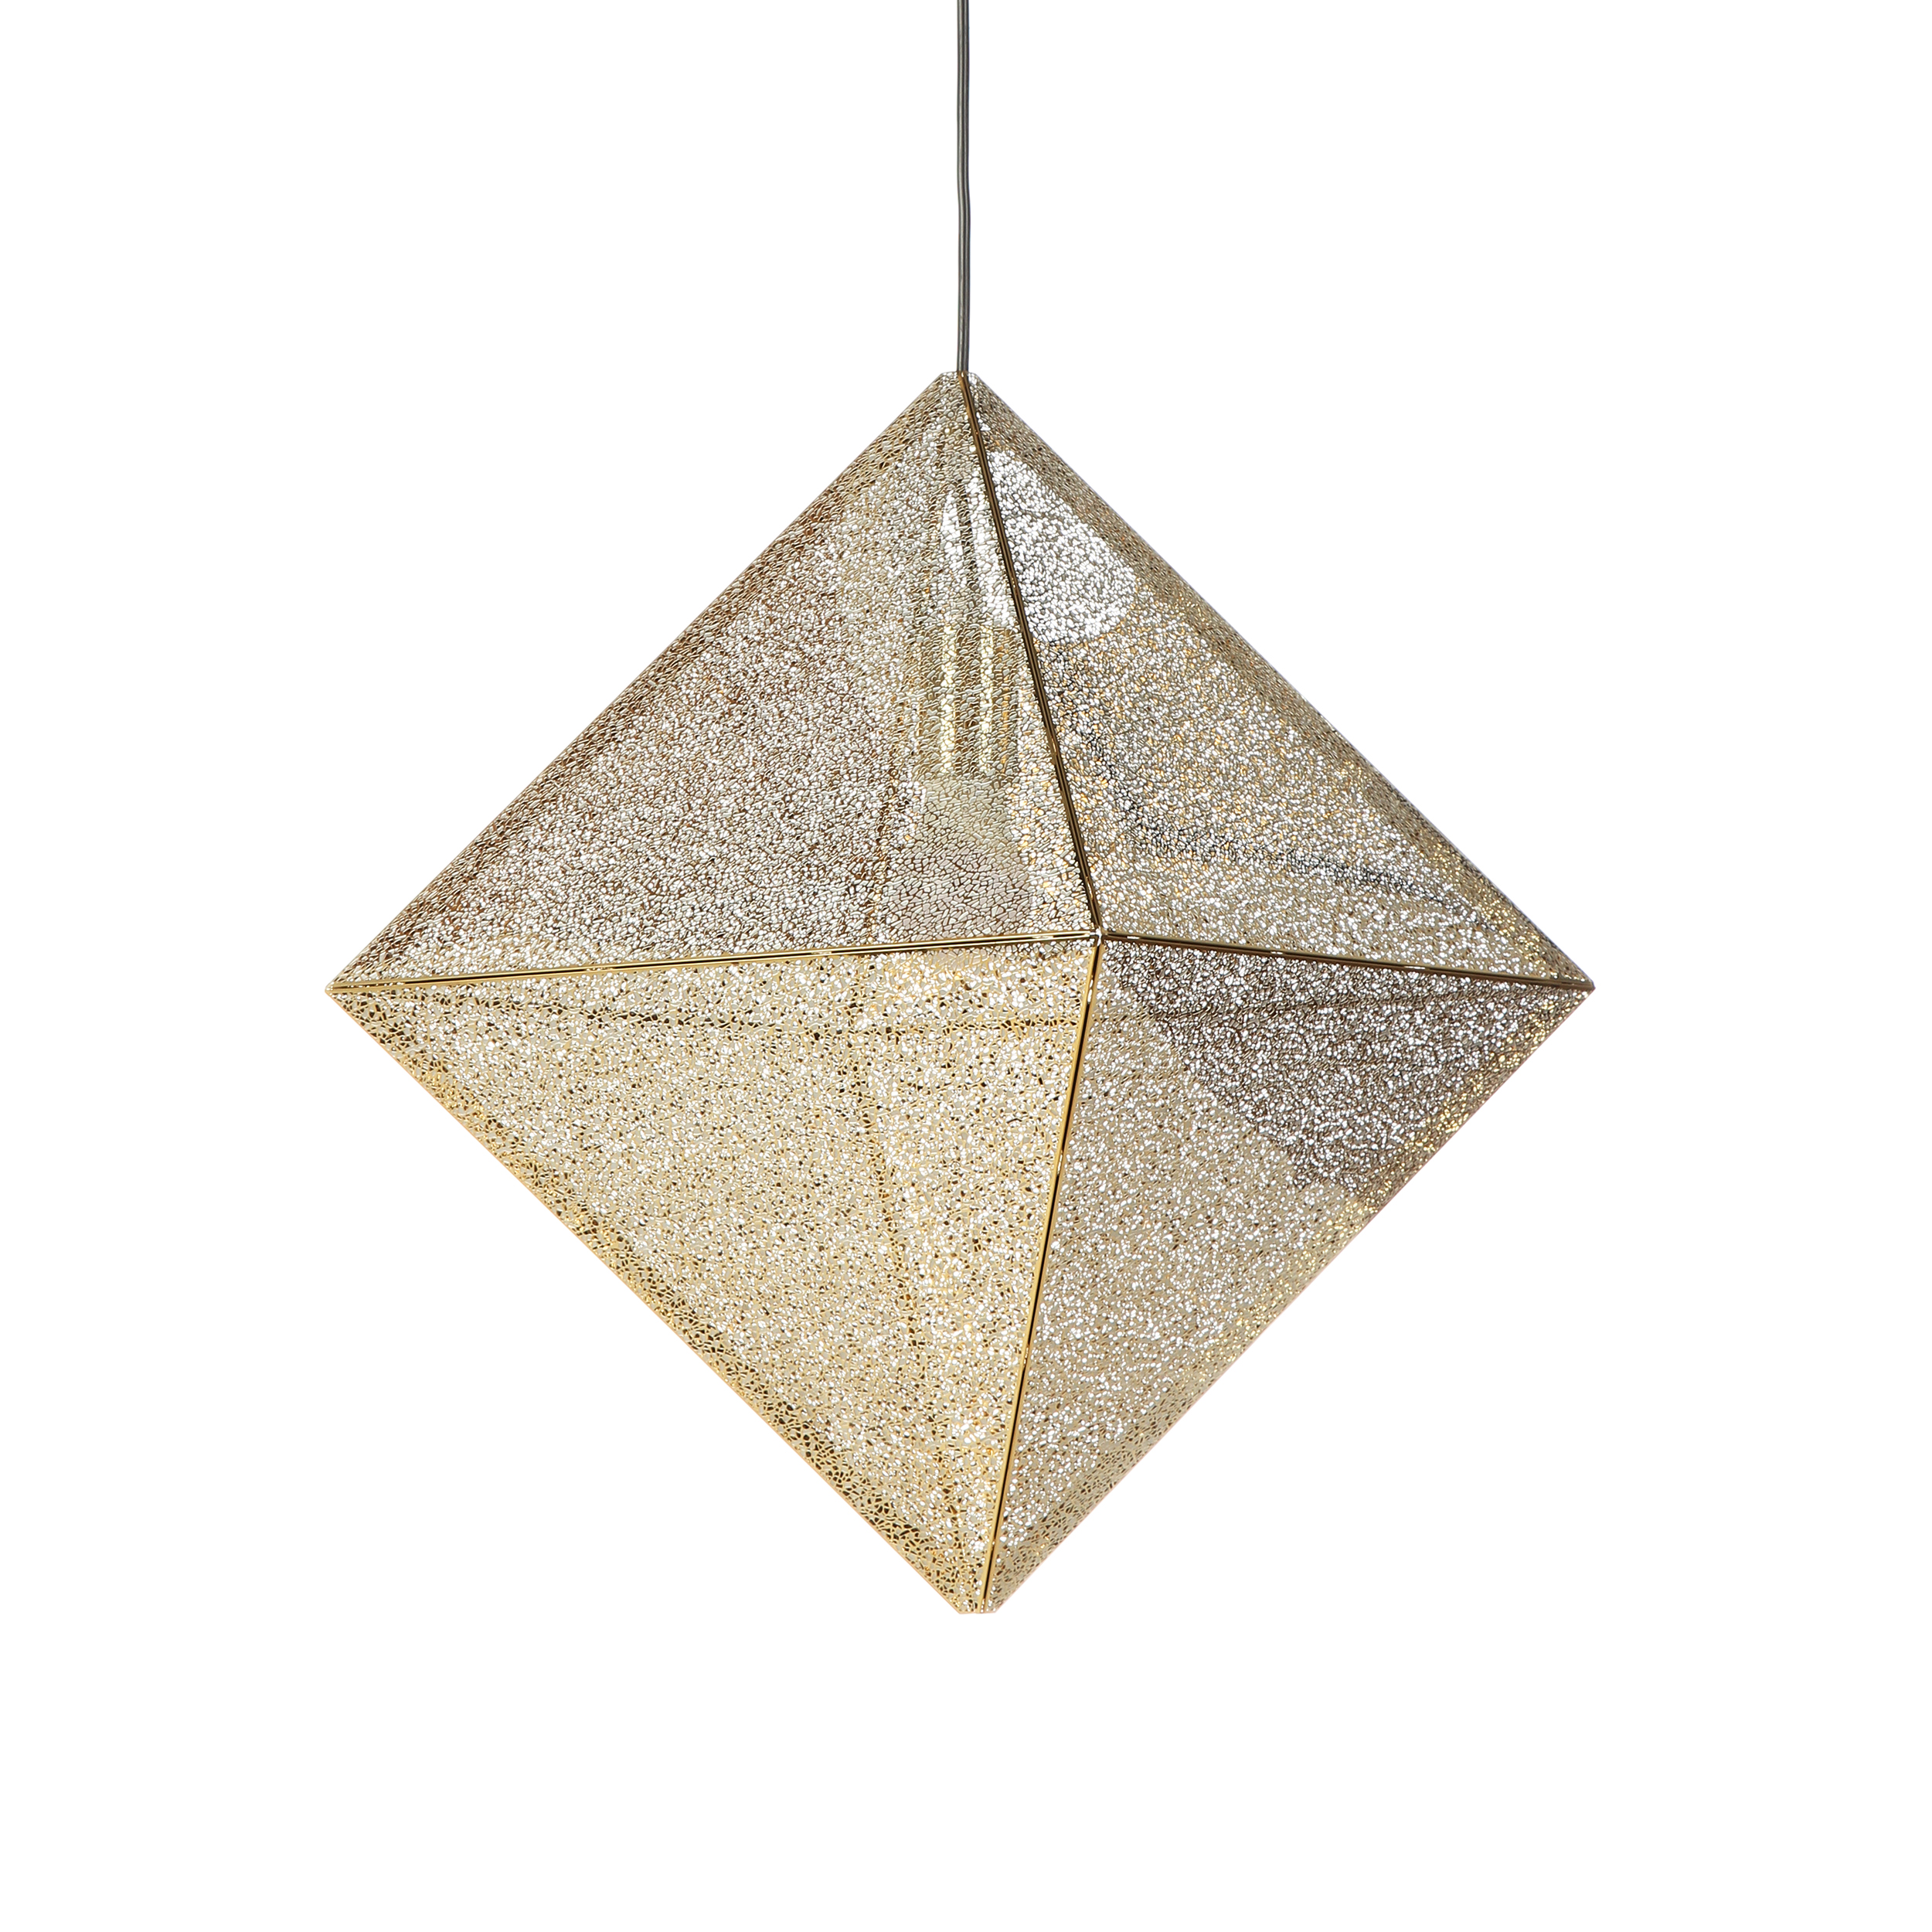 Подвесной светильник Lennon диаметр 54Подвесные<br>Дизайнерский подвесной светильник Lennon диаметр 54 обладает четко выраженной геометрической формой, которая изысканно подчеркивается оригинальным полупрозрачным абажуром. Благодаря такому решению в помещении будет присутствовать красивая игра света, а сам светильник может стать ярким стилистическим акцентом комнаты.<br><br><br> Для создания светильника дизайнеры выбрали интересную технологию: абажур выполнен в виде сетки из прочной и надежной стали. Благодаря такому решению свет от лампы мягк...<br><br>stock: 0<br>Высота: 53<br>Диаметр: 54<br>Материал арматуры: Сталь нержавеющая<br>Мощность лампы: 60<br>Тип лампы/цоколь: E27<br>Цвет арматуры: Золотой